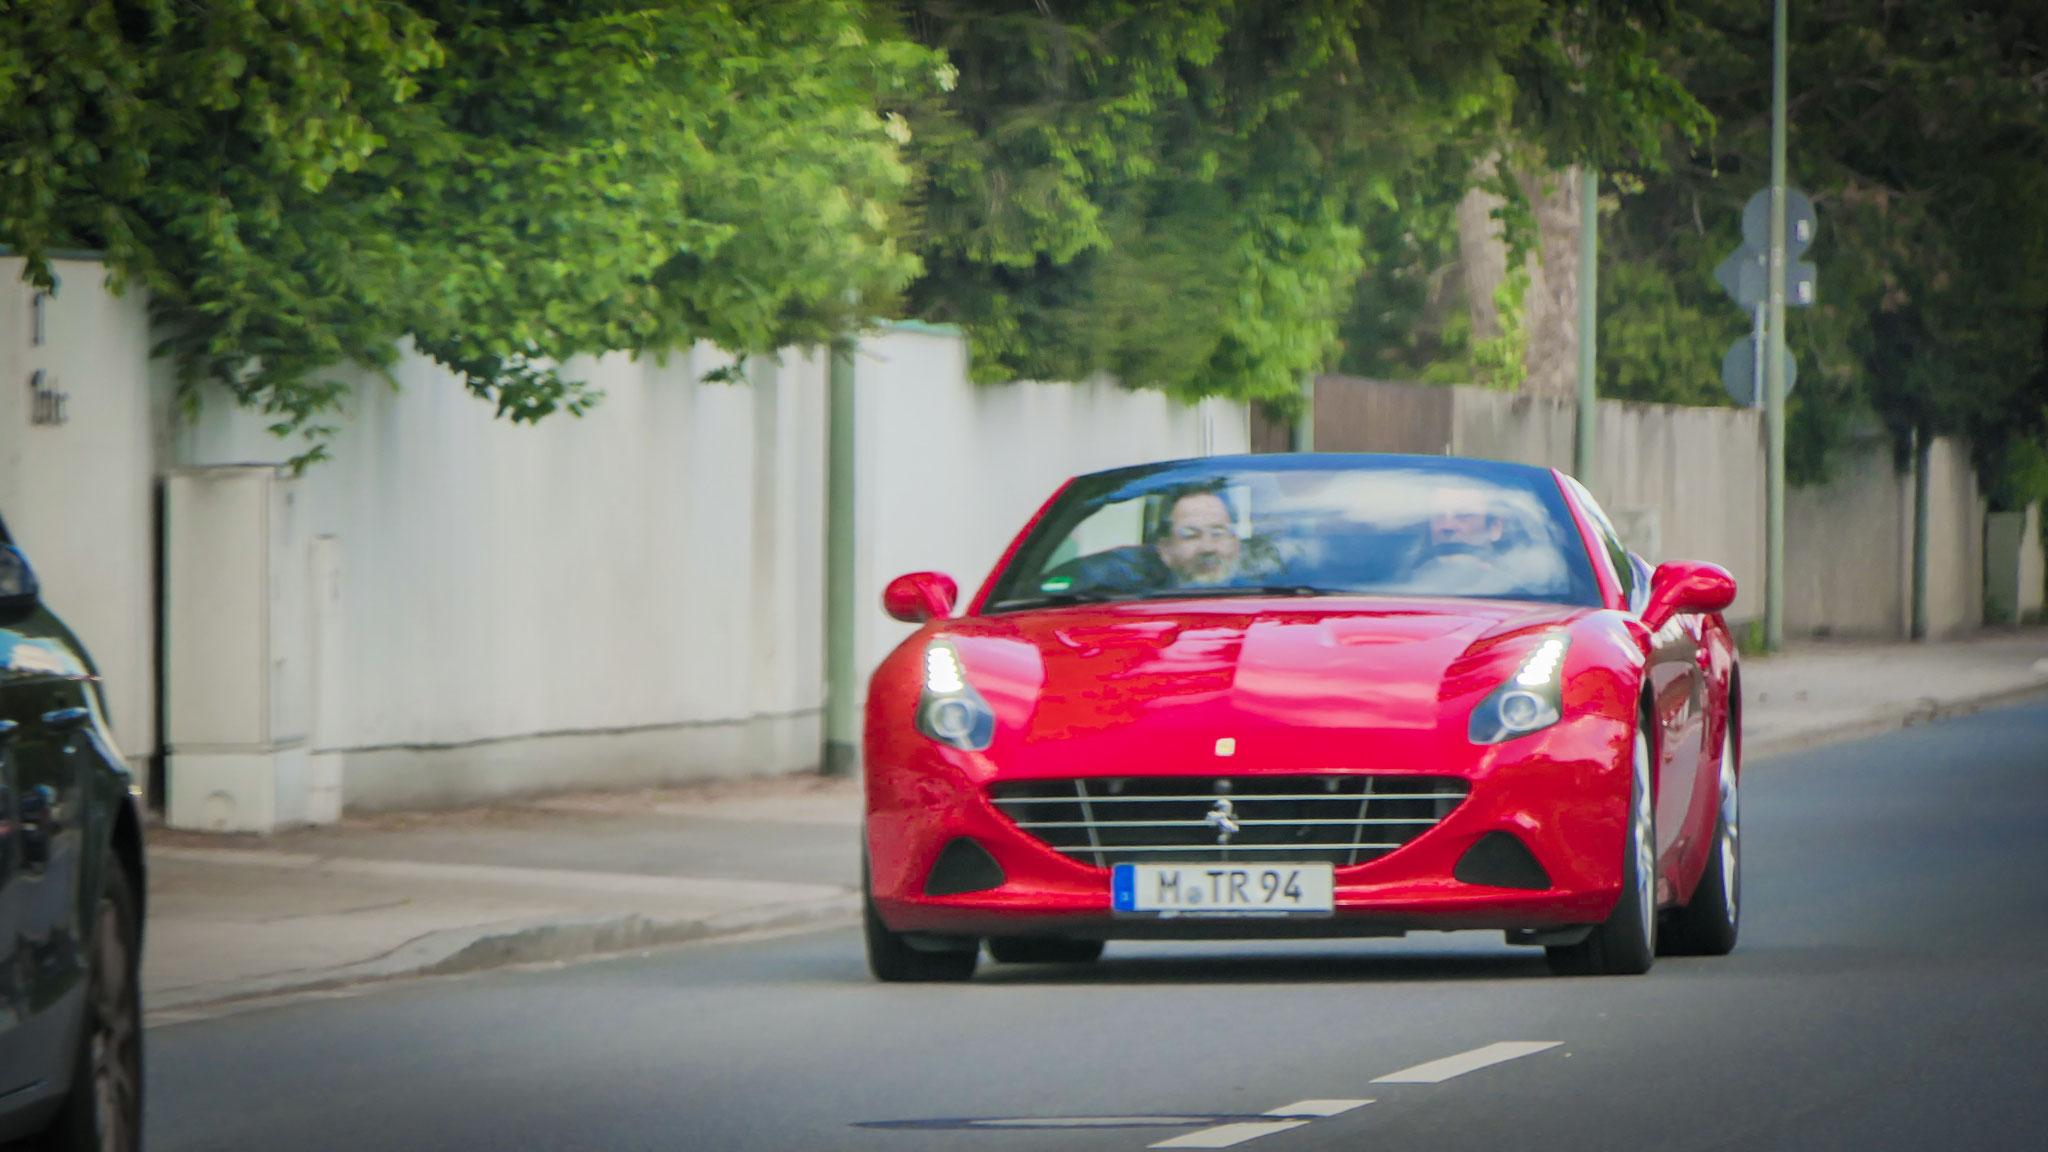 Ferrari California T - M-TR-94